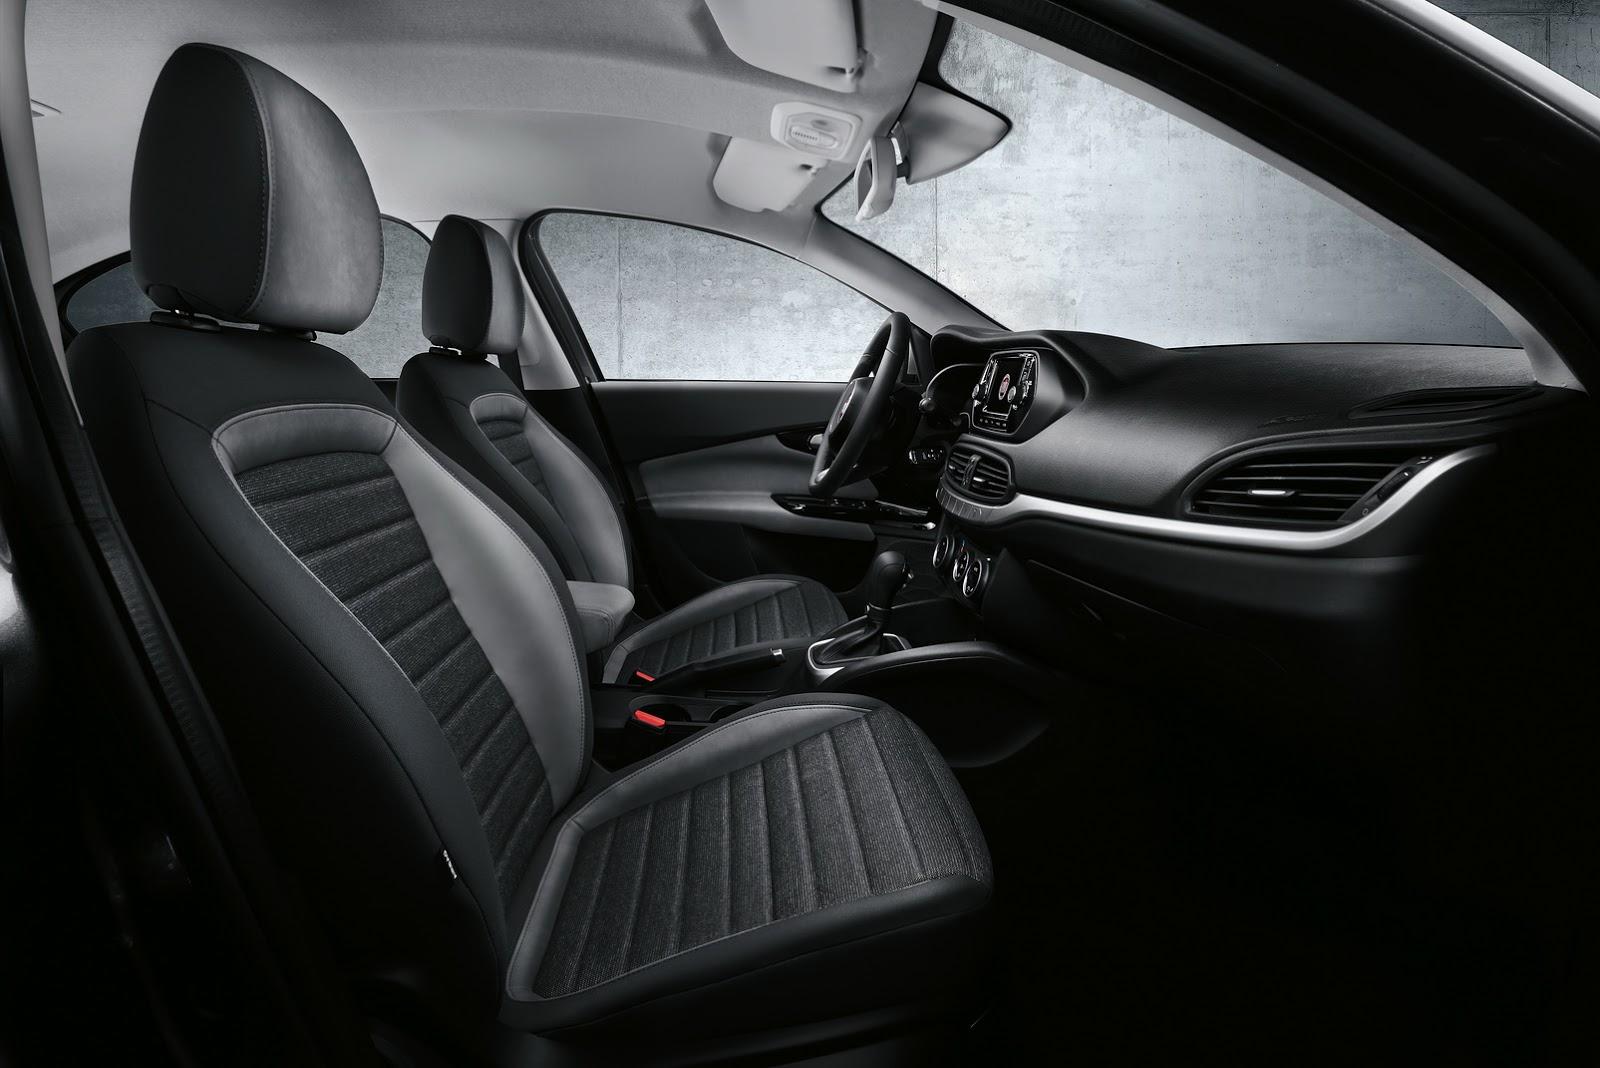 Nuova-Fiat-Tipo-2016-3